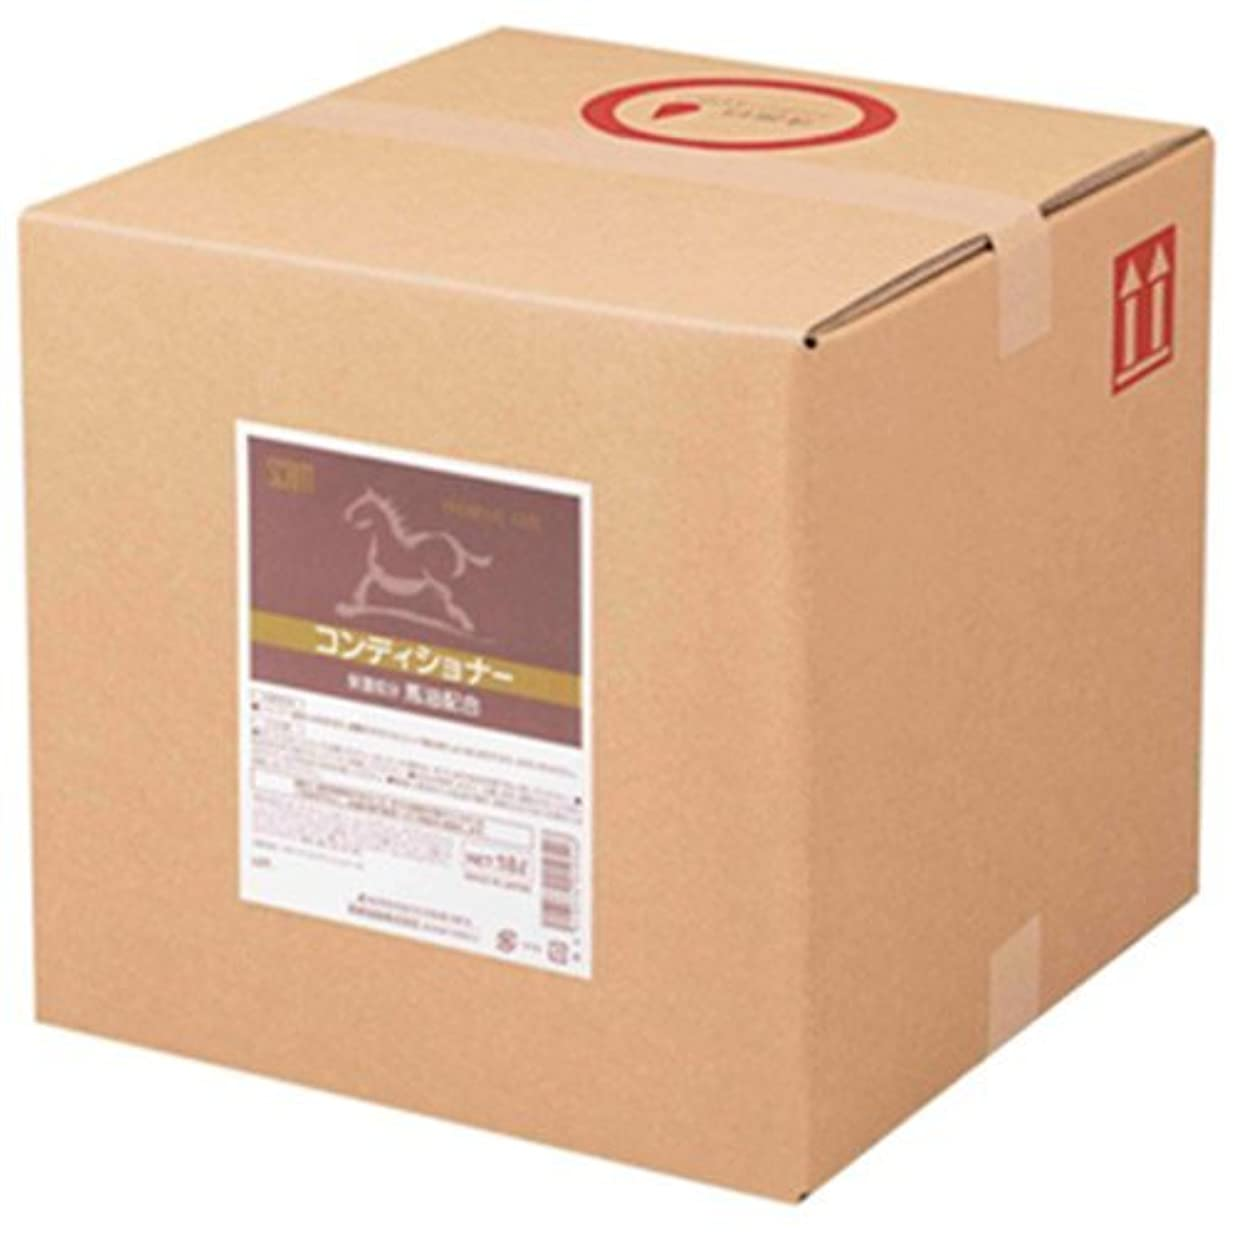 適用する亜熱帯低い業務用 SCRITT(スクリット) 馬油コンディショナー 18L 熊野油脂 (コック付き)